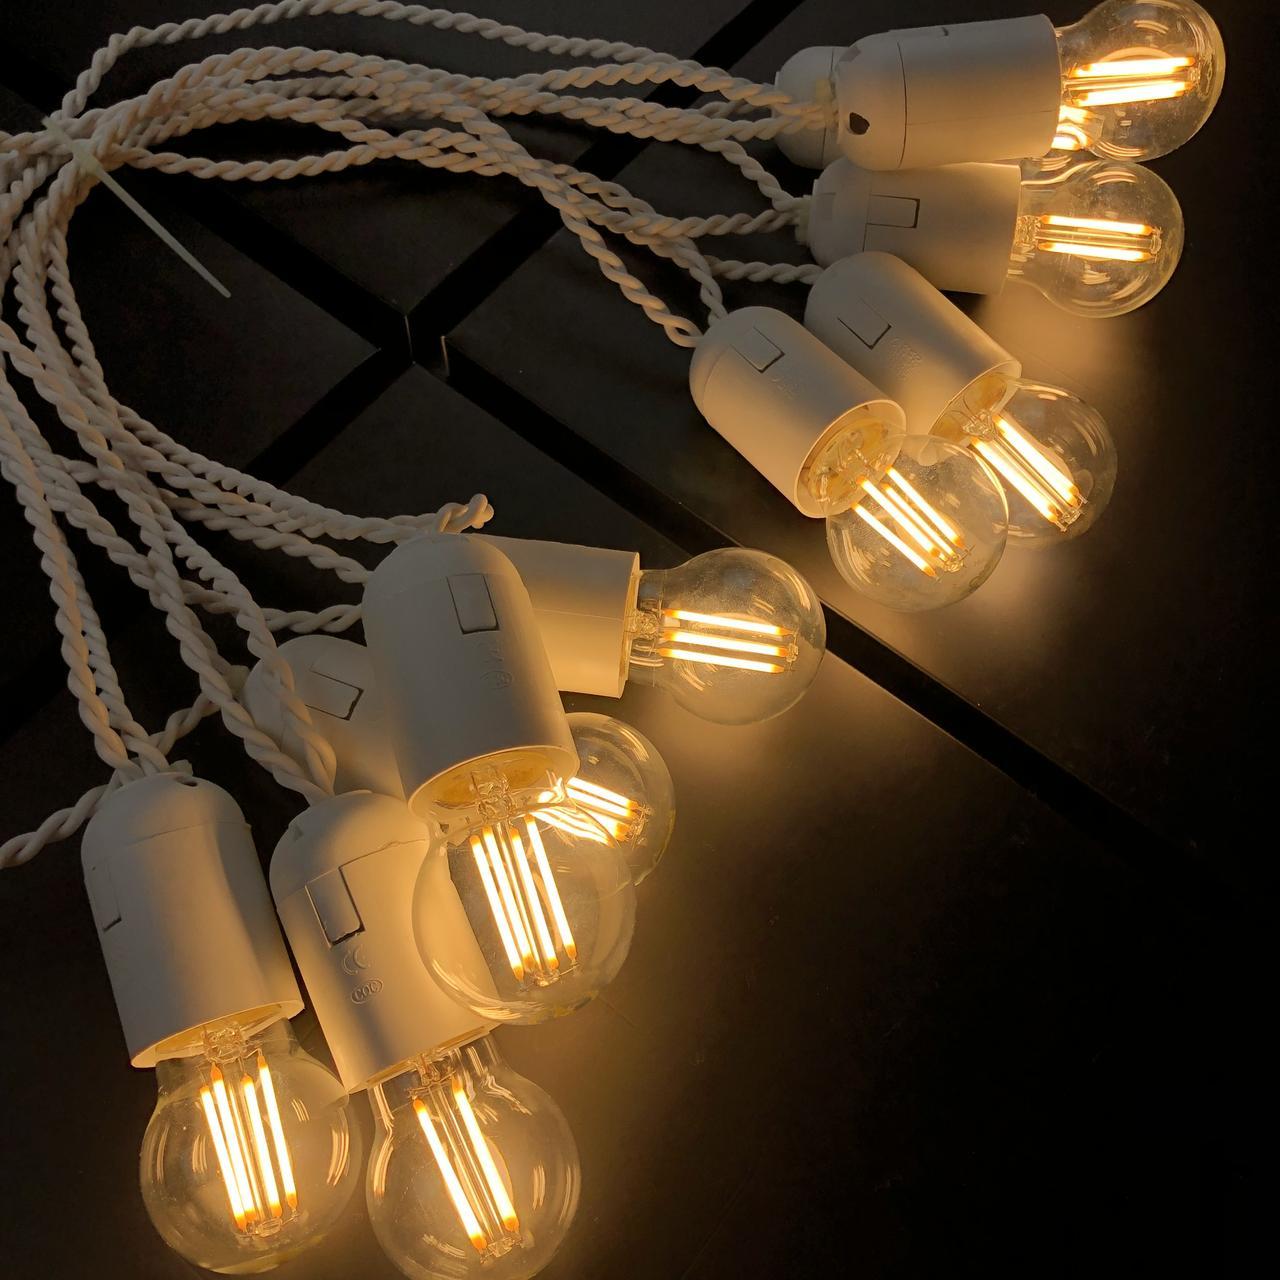 Ретро гирлянда для помещений Alphatrade, 15 метров 30 филаментных LED ламп, белая